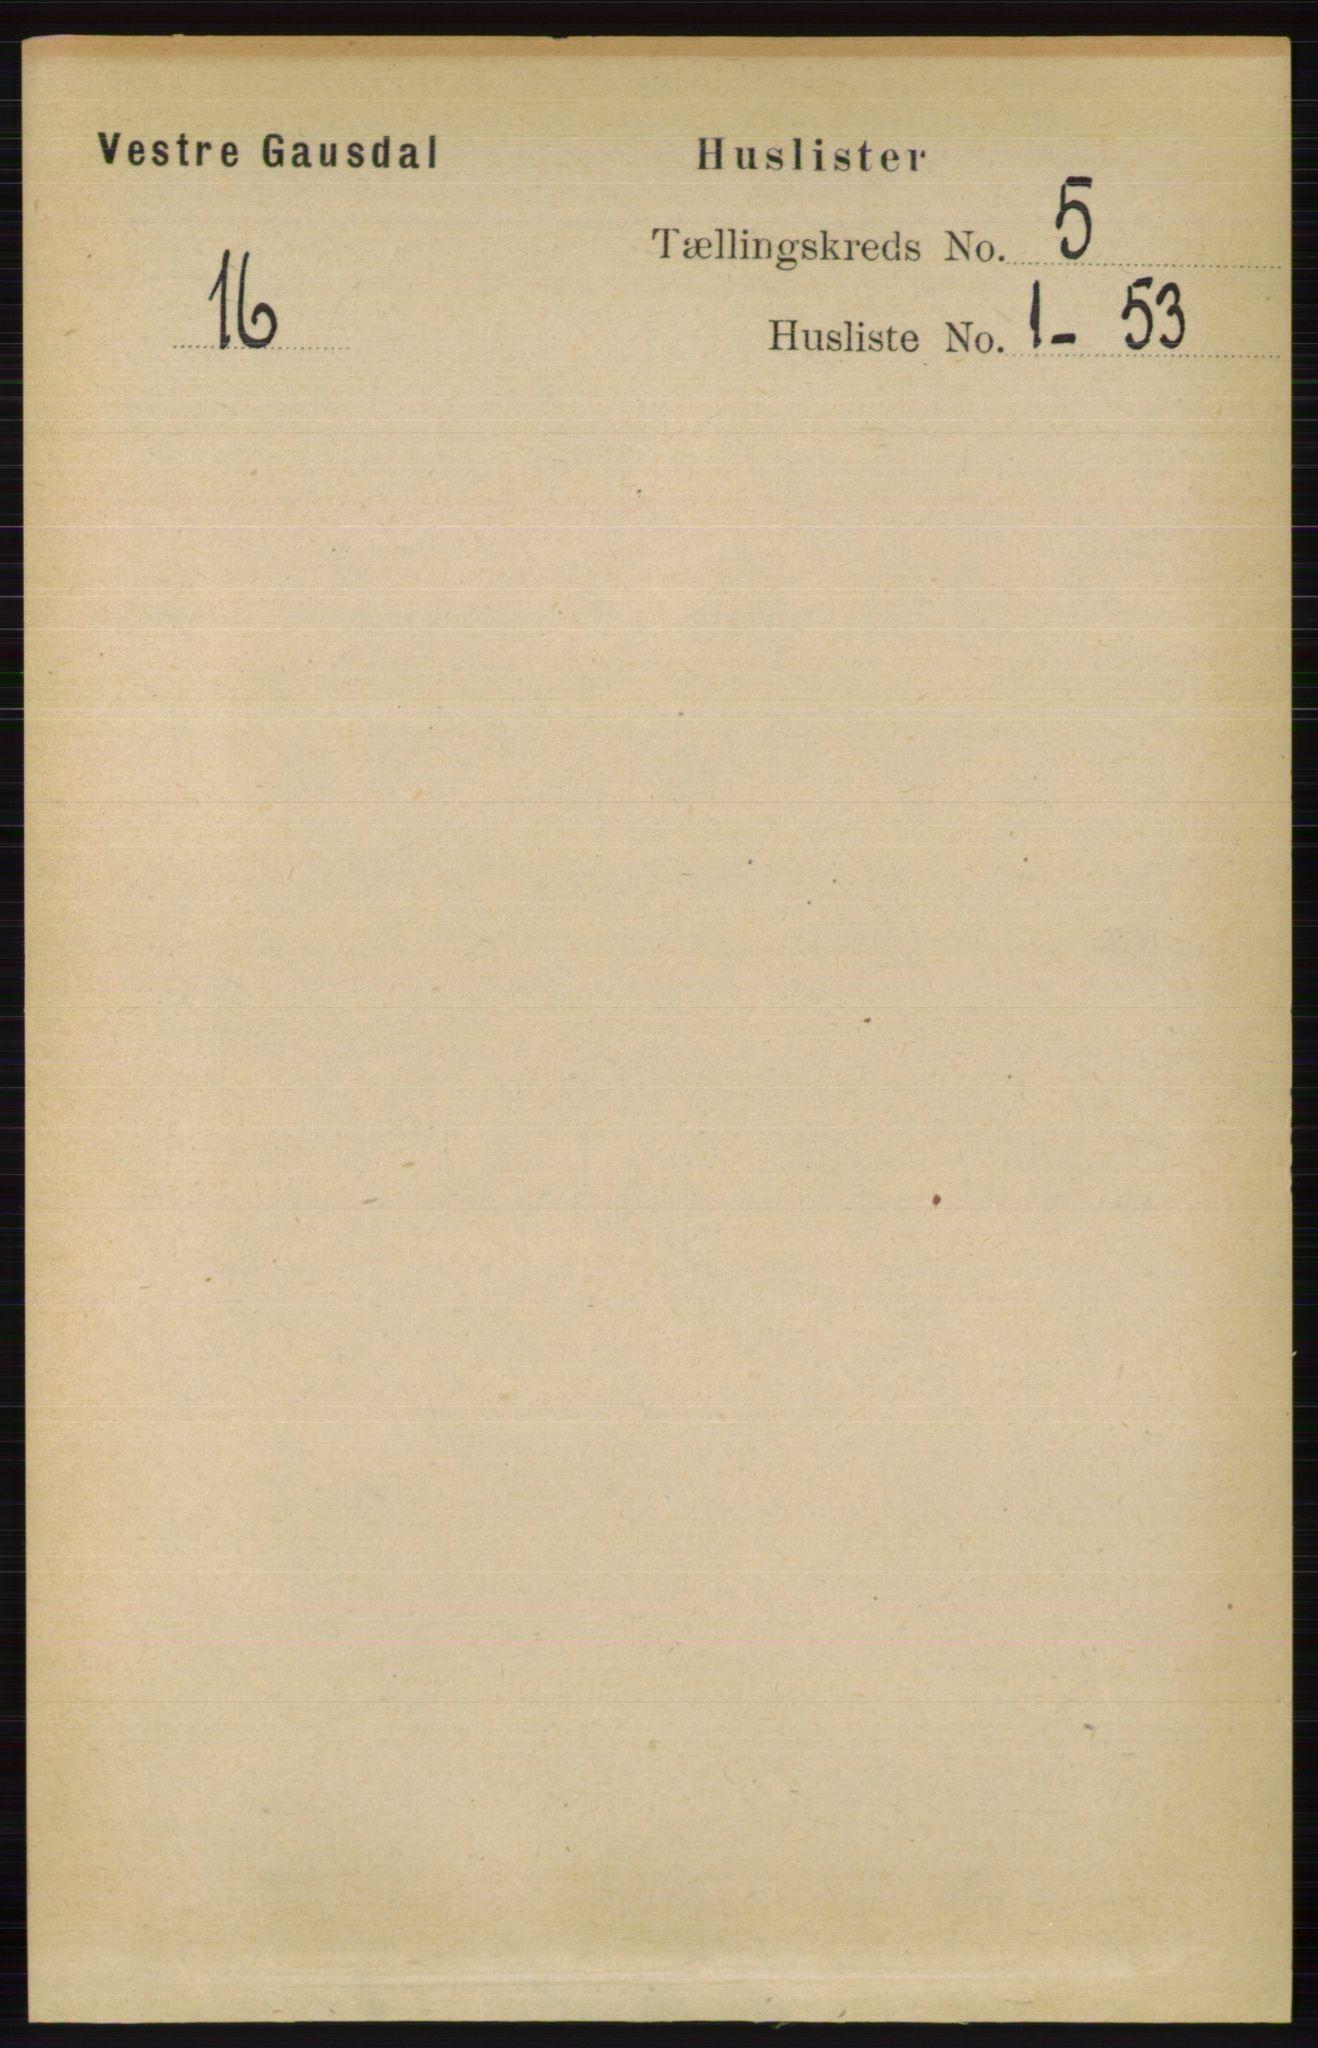 RA, Folketelling 1891 for 0523 Vestre Gausdal herred, 1891, s. 2117